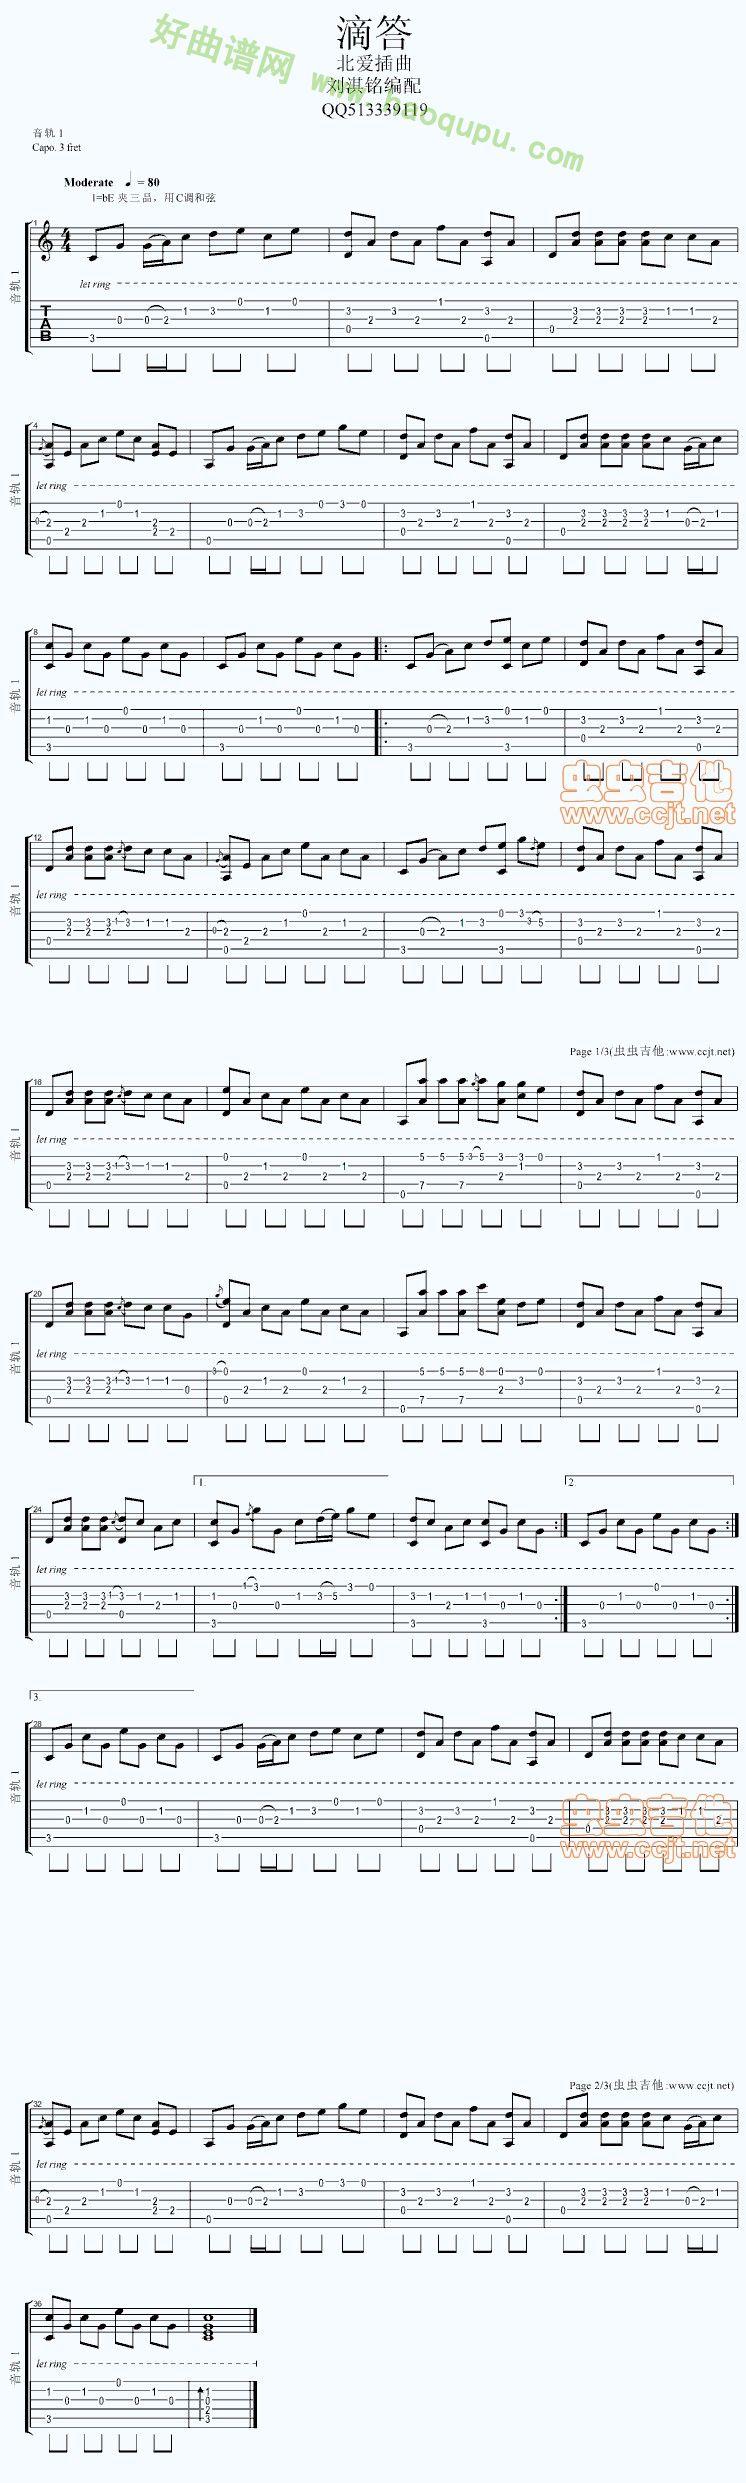 滴答 指弹完美版 吉他谱 吉他曲谱 吉他歌谱 好曲谱网